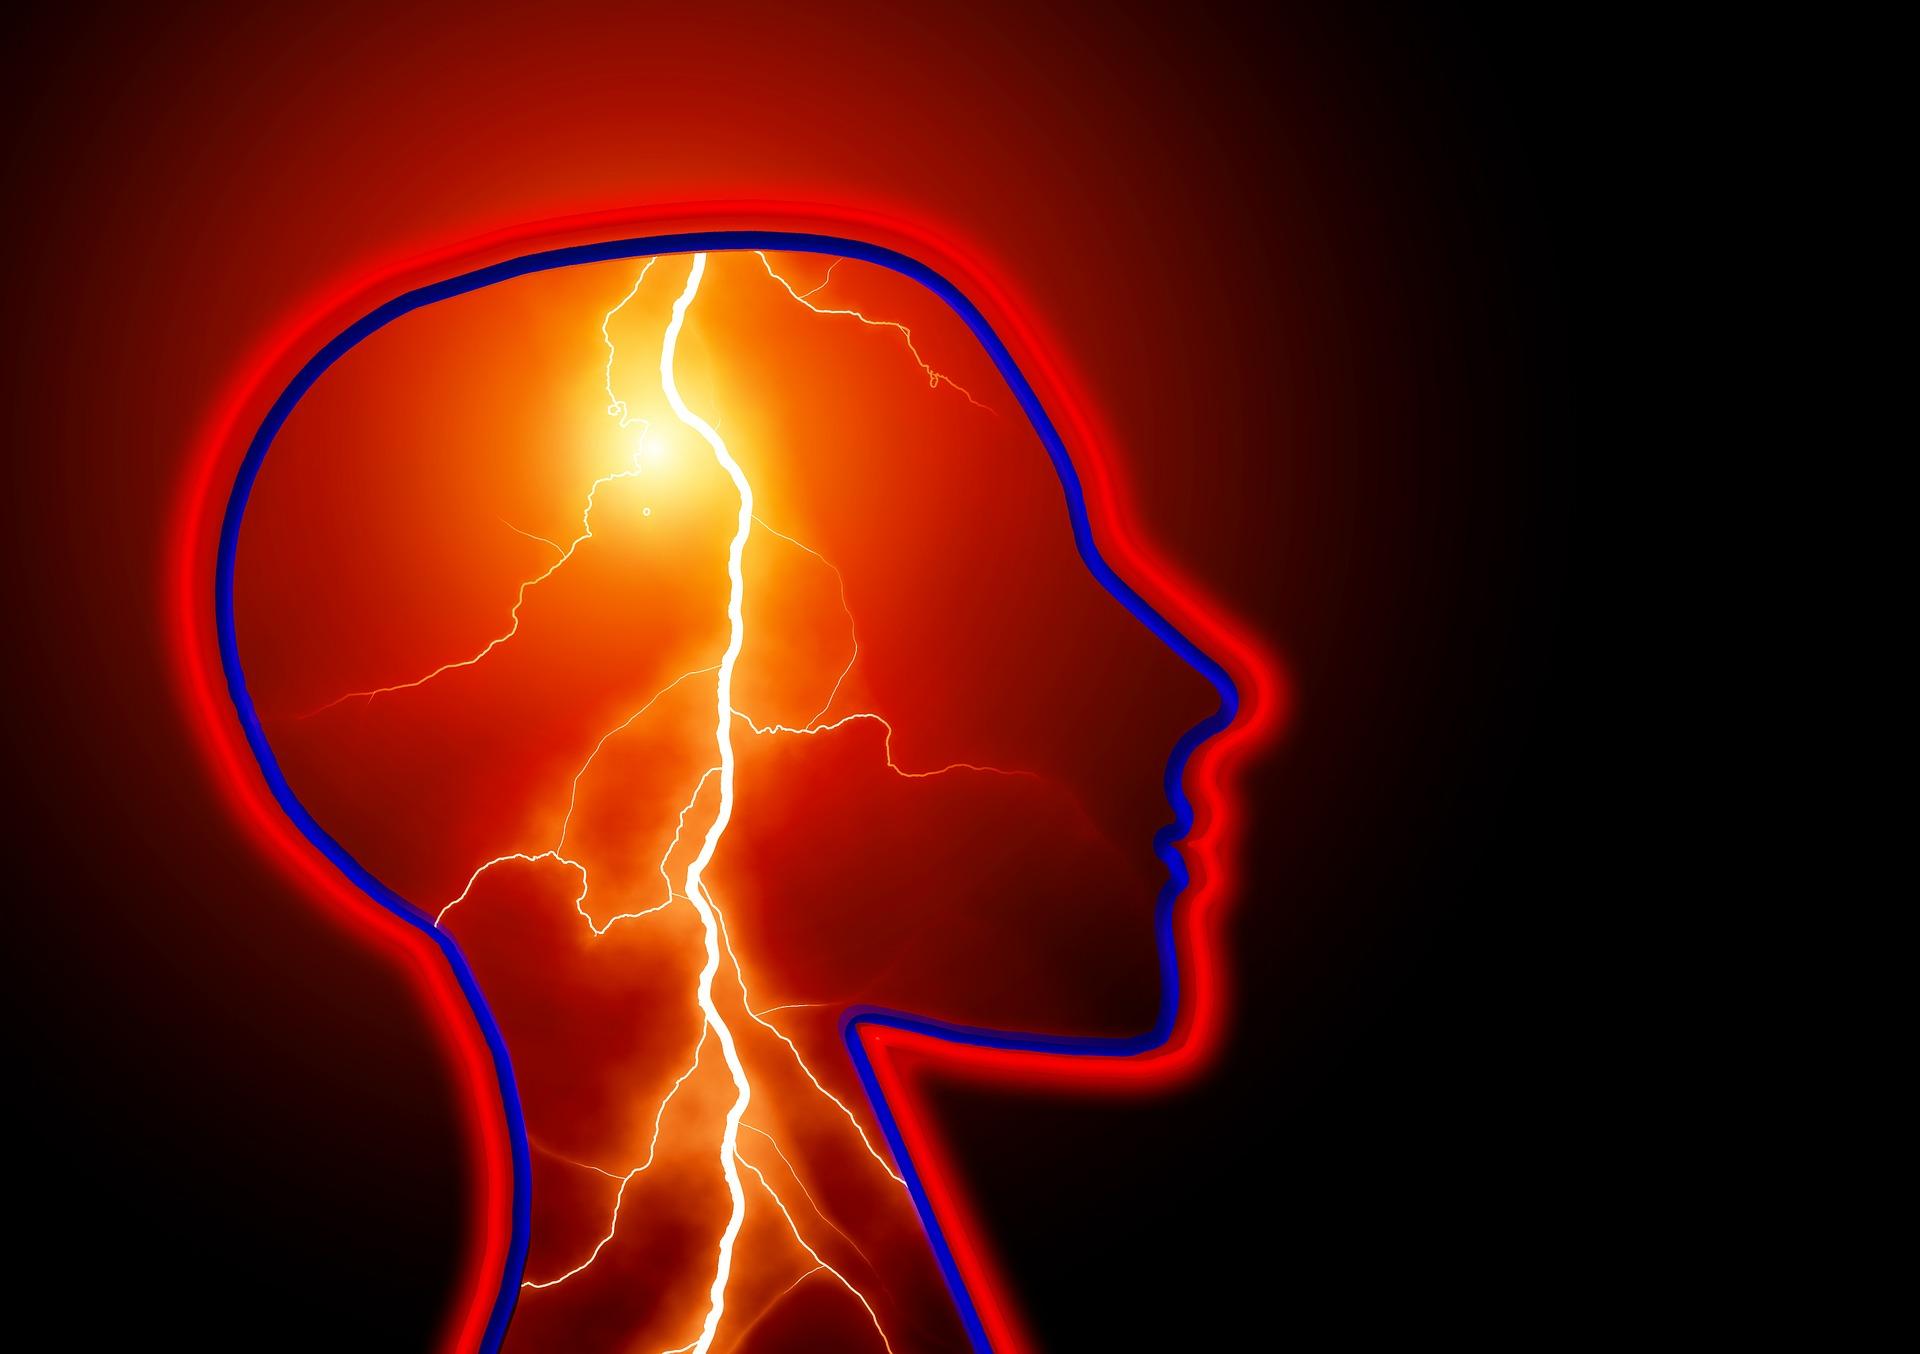 epilepsy-623346_1920_1.jpg